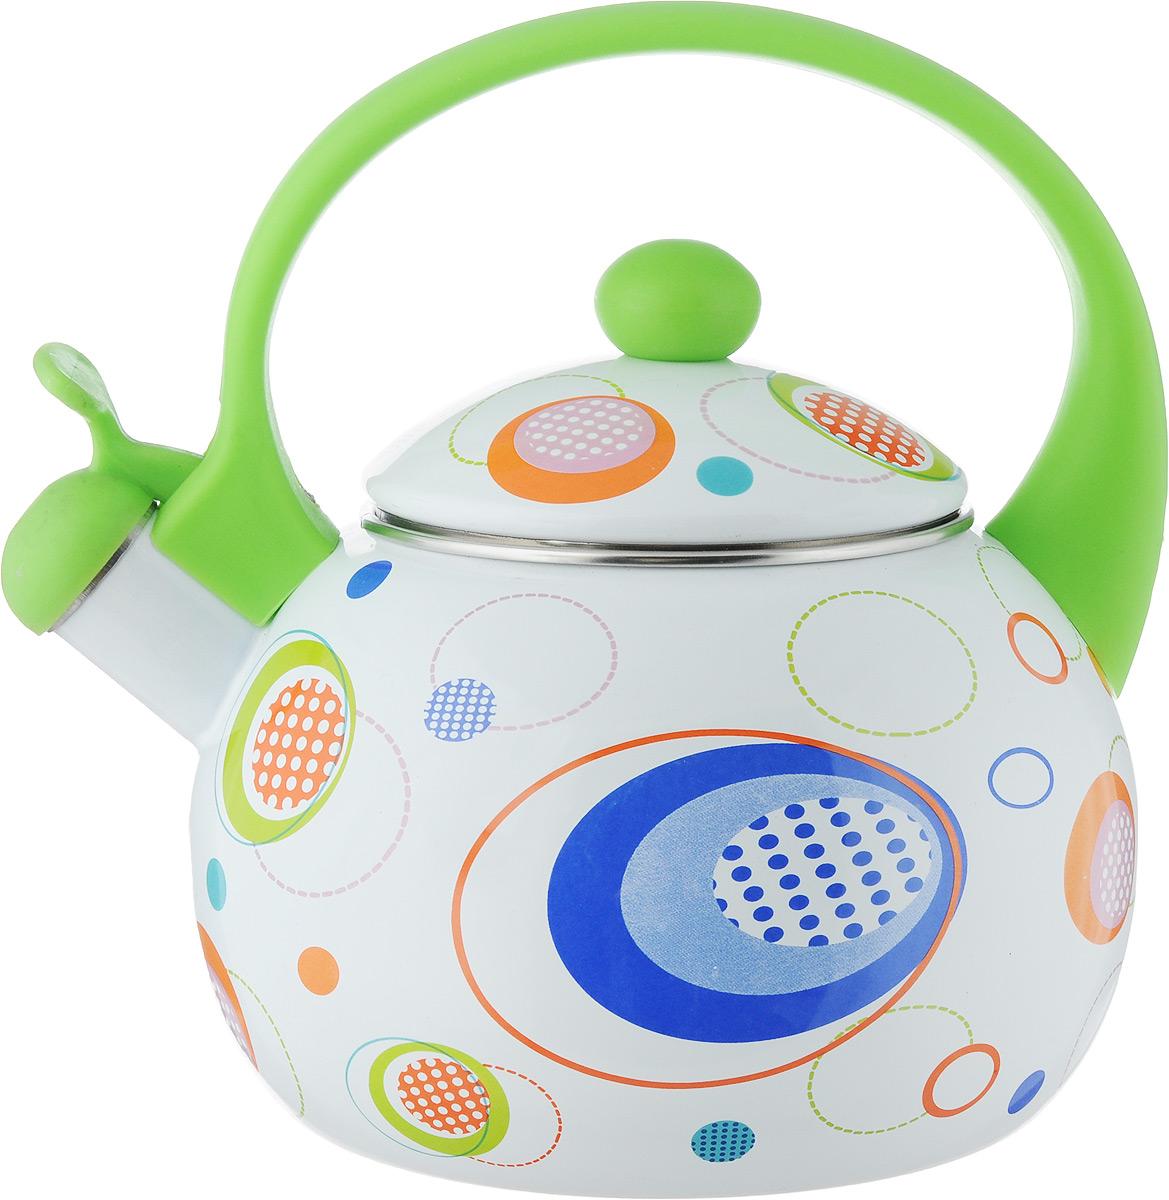 Чайник эмалированный Wellberg, со свистком, цвет: зеленый, 2,2 л3403 WB_зеленый, кругиЧайник эмалированный Wellberg, со свистком, цвет: зеленый, 2,2 л